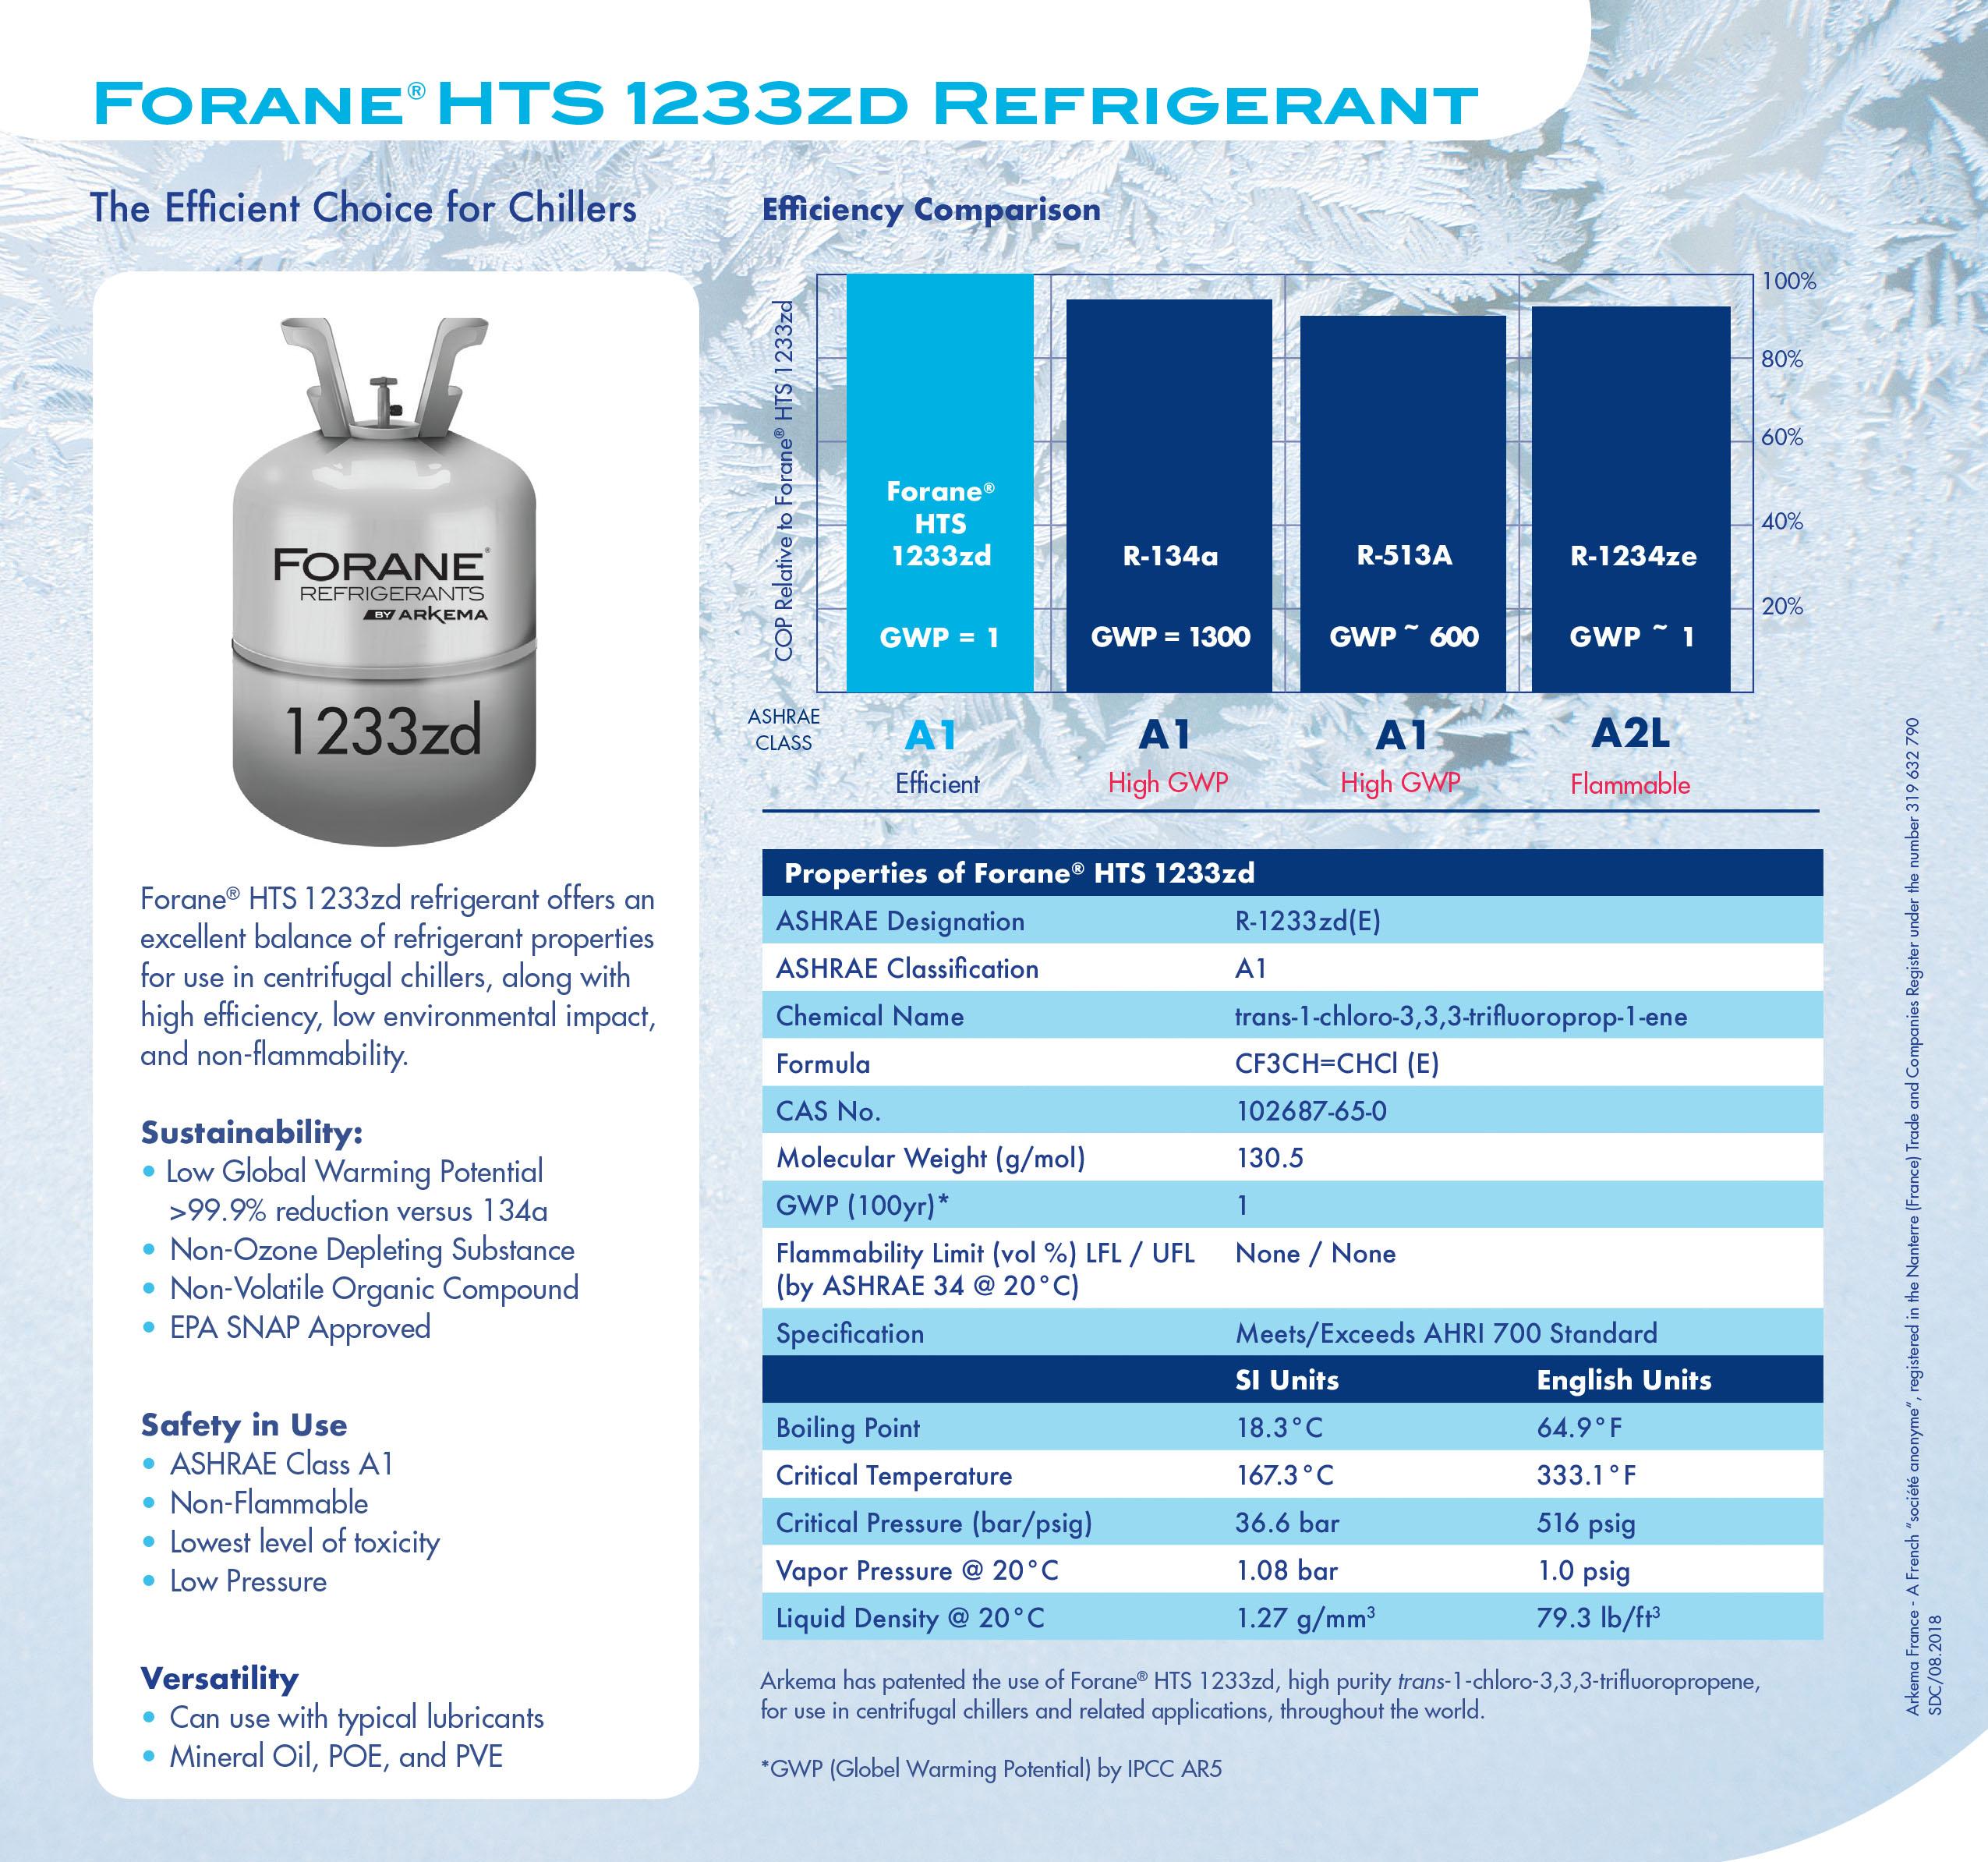 Forane 1233zd